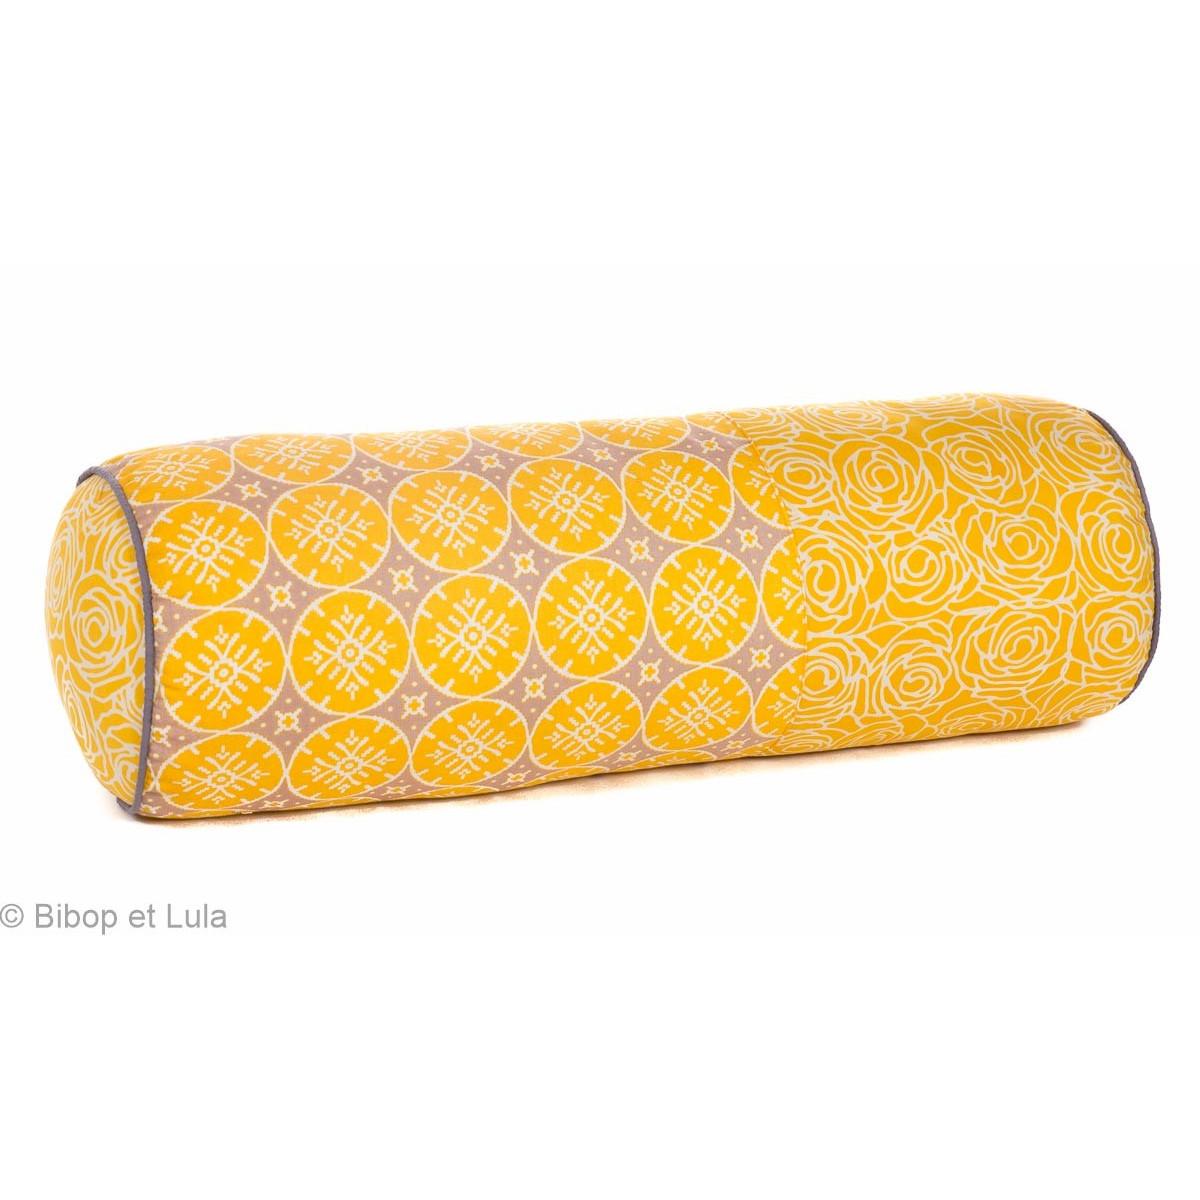 Coussin rond jaune coton